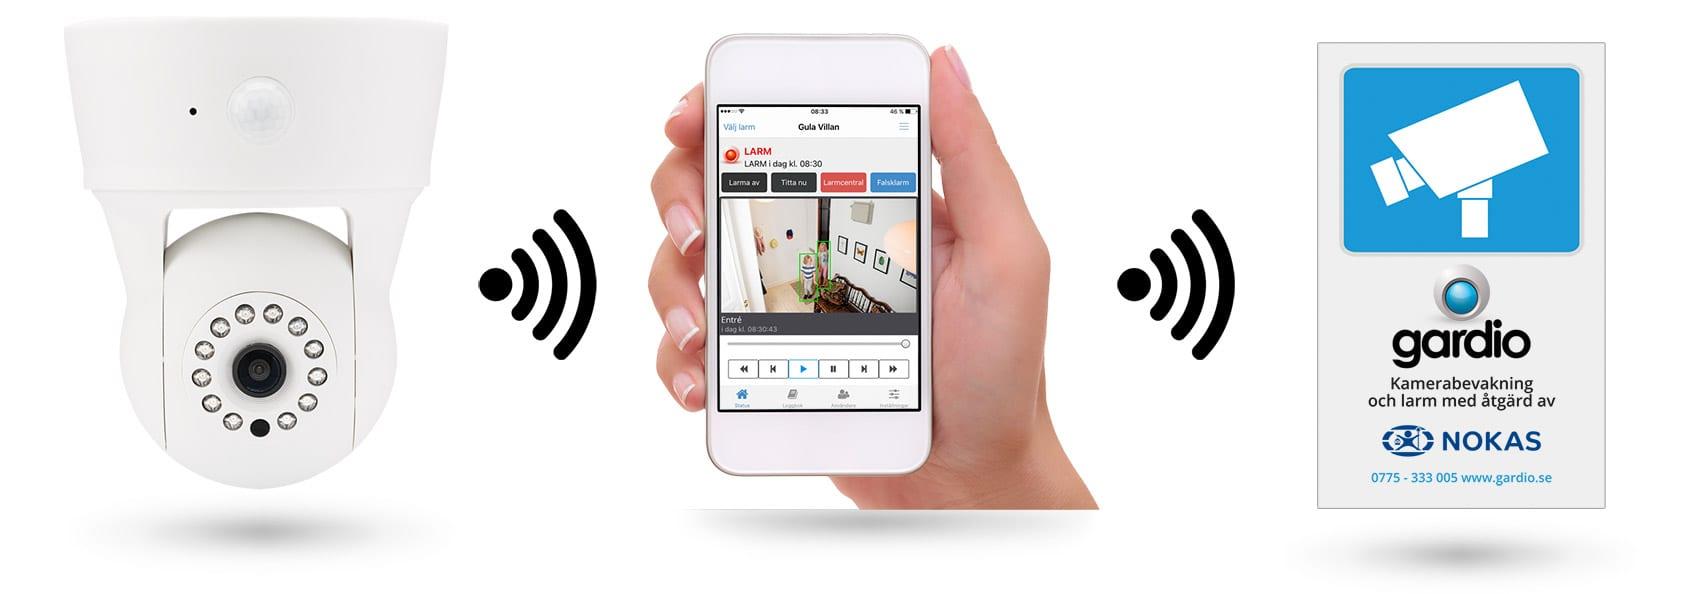 Hemlarm med kamerabevakning och HD-bilder i mobilen